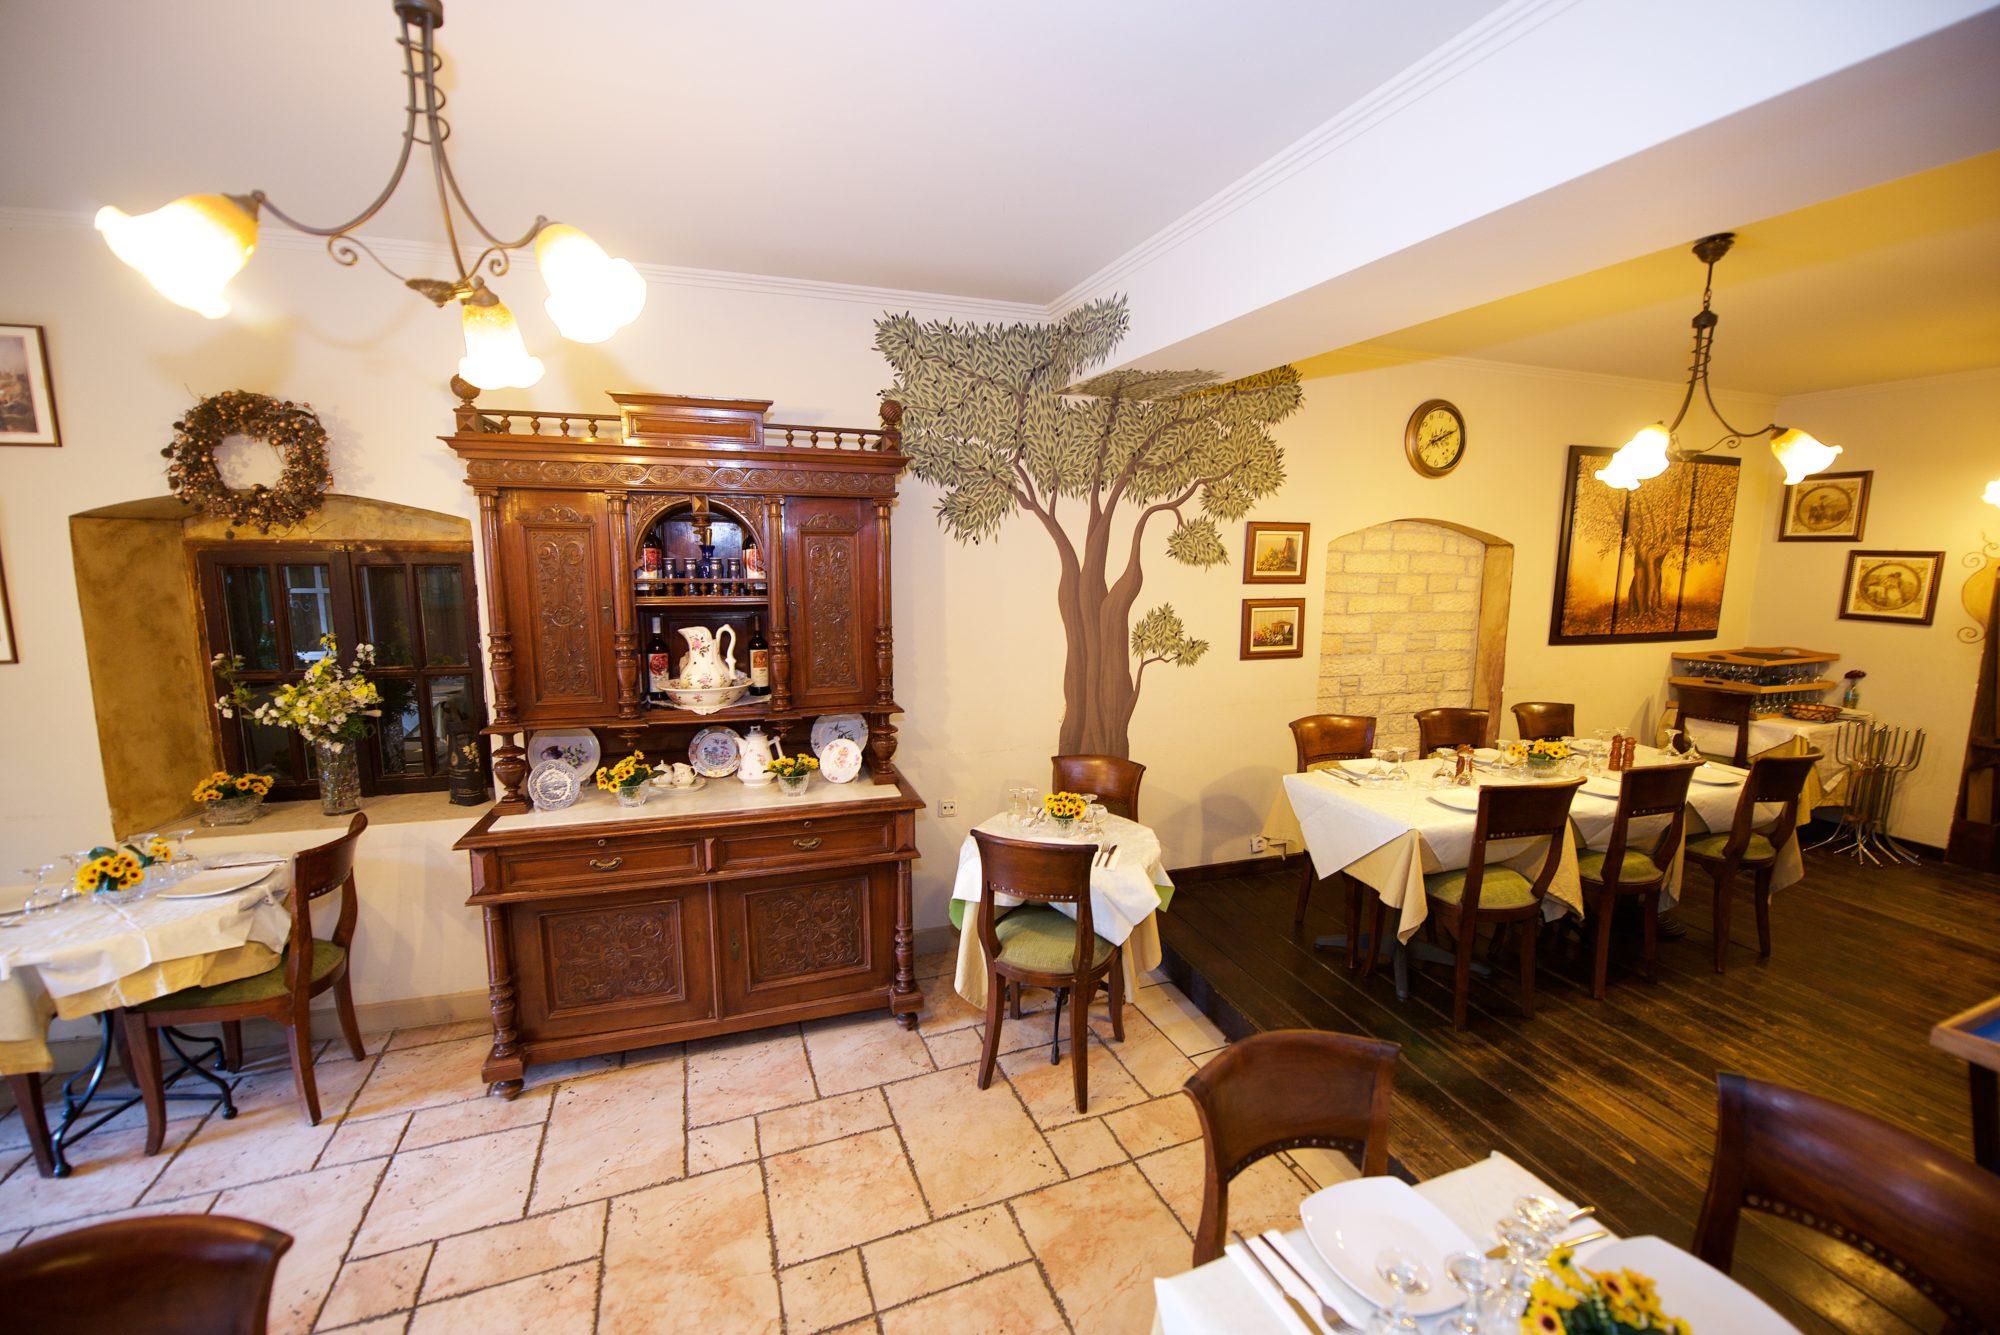 The Olive Tree Mediterranean restaurant